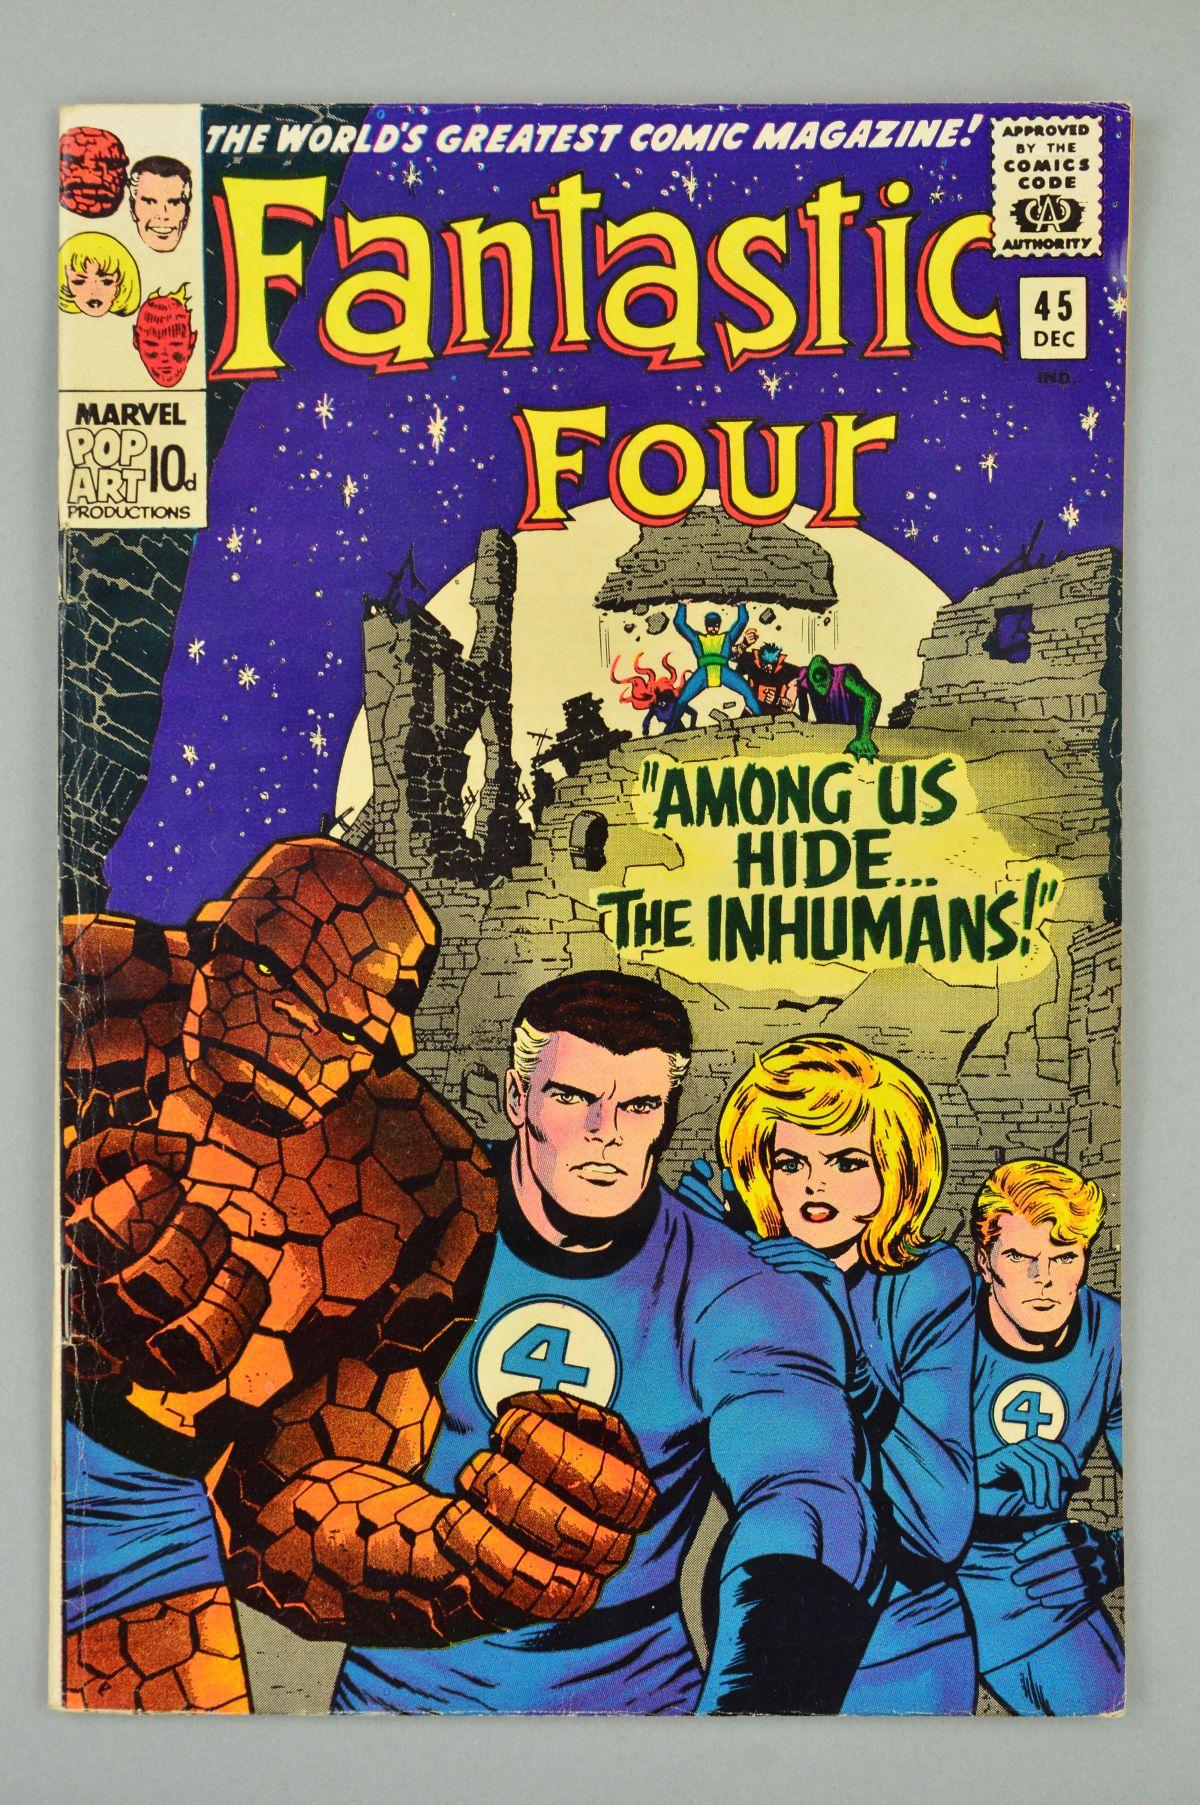 Lot 1844 - Fantastic Four (1961) #45, Published:December 10, 1965